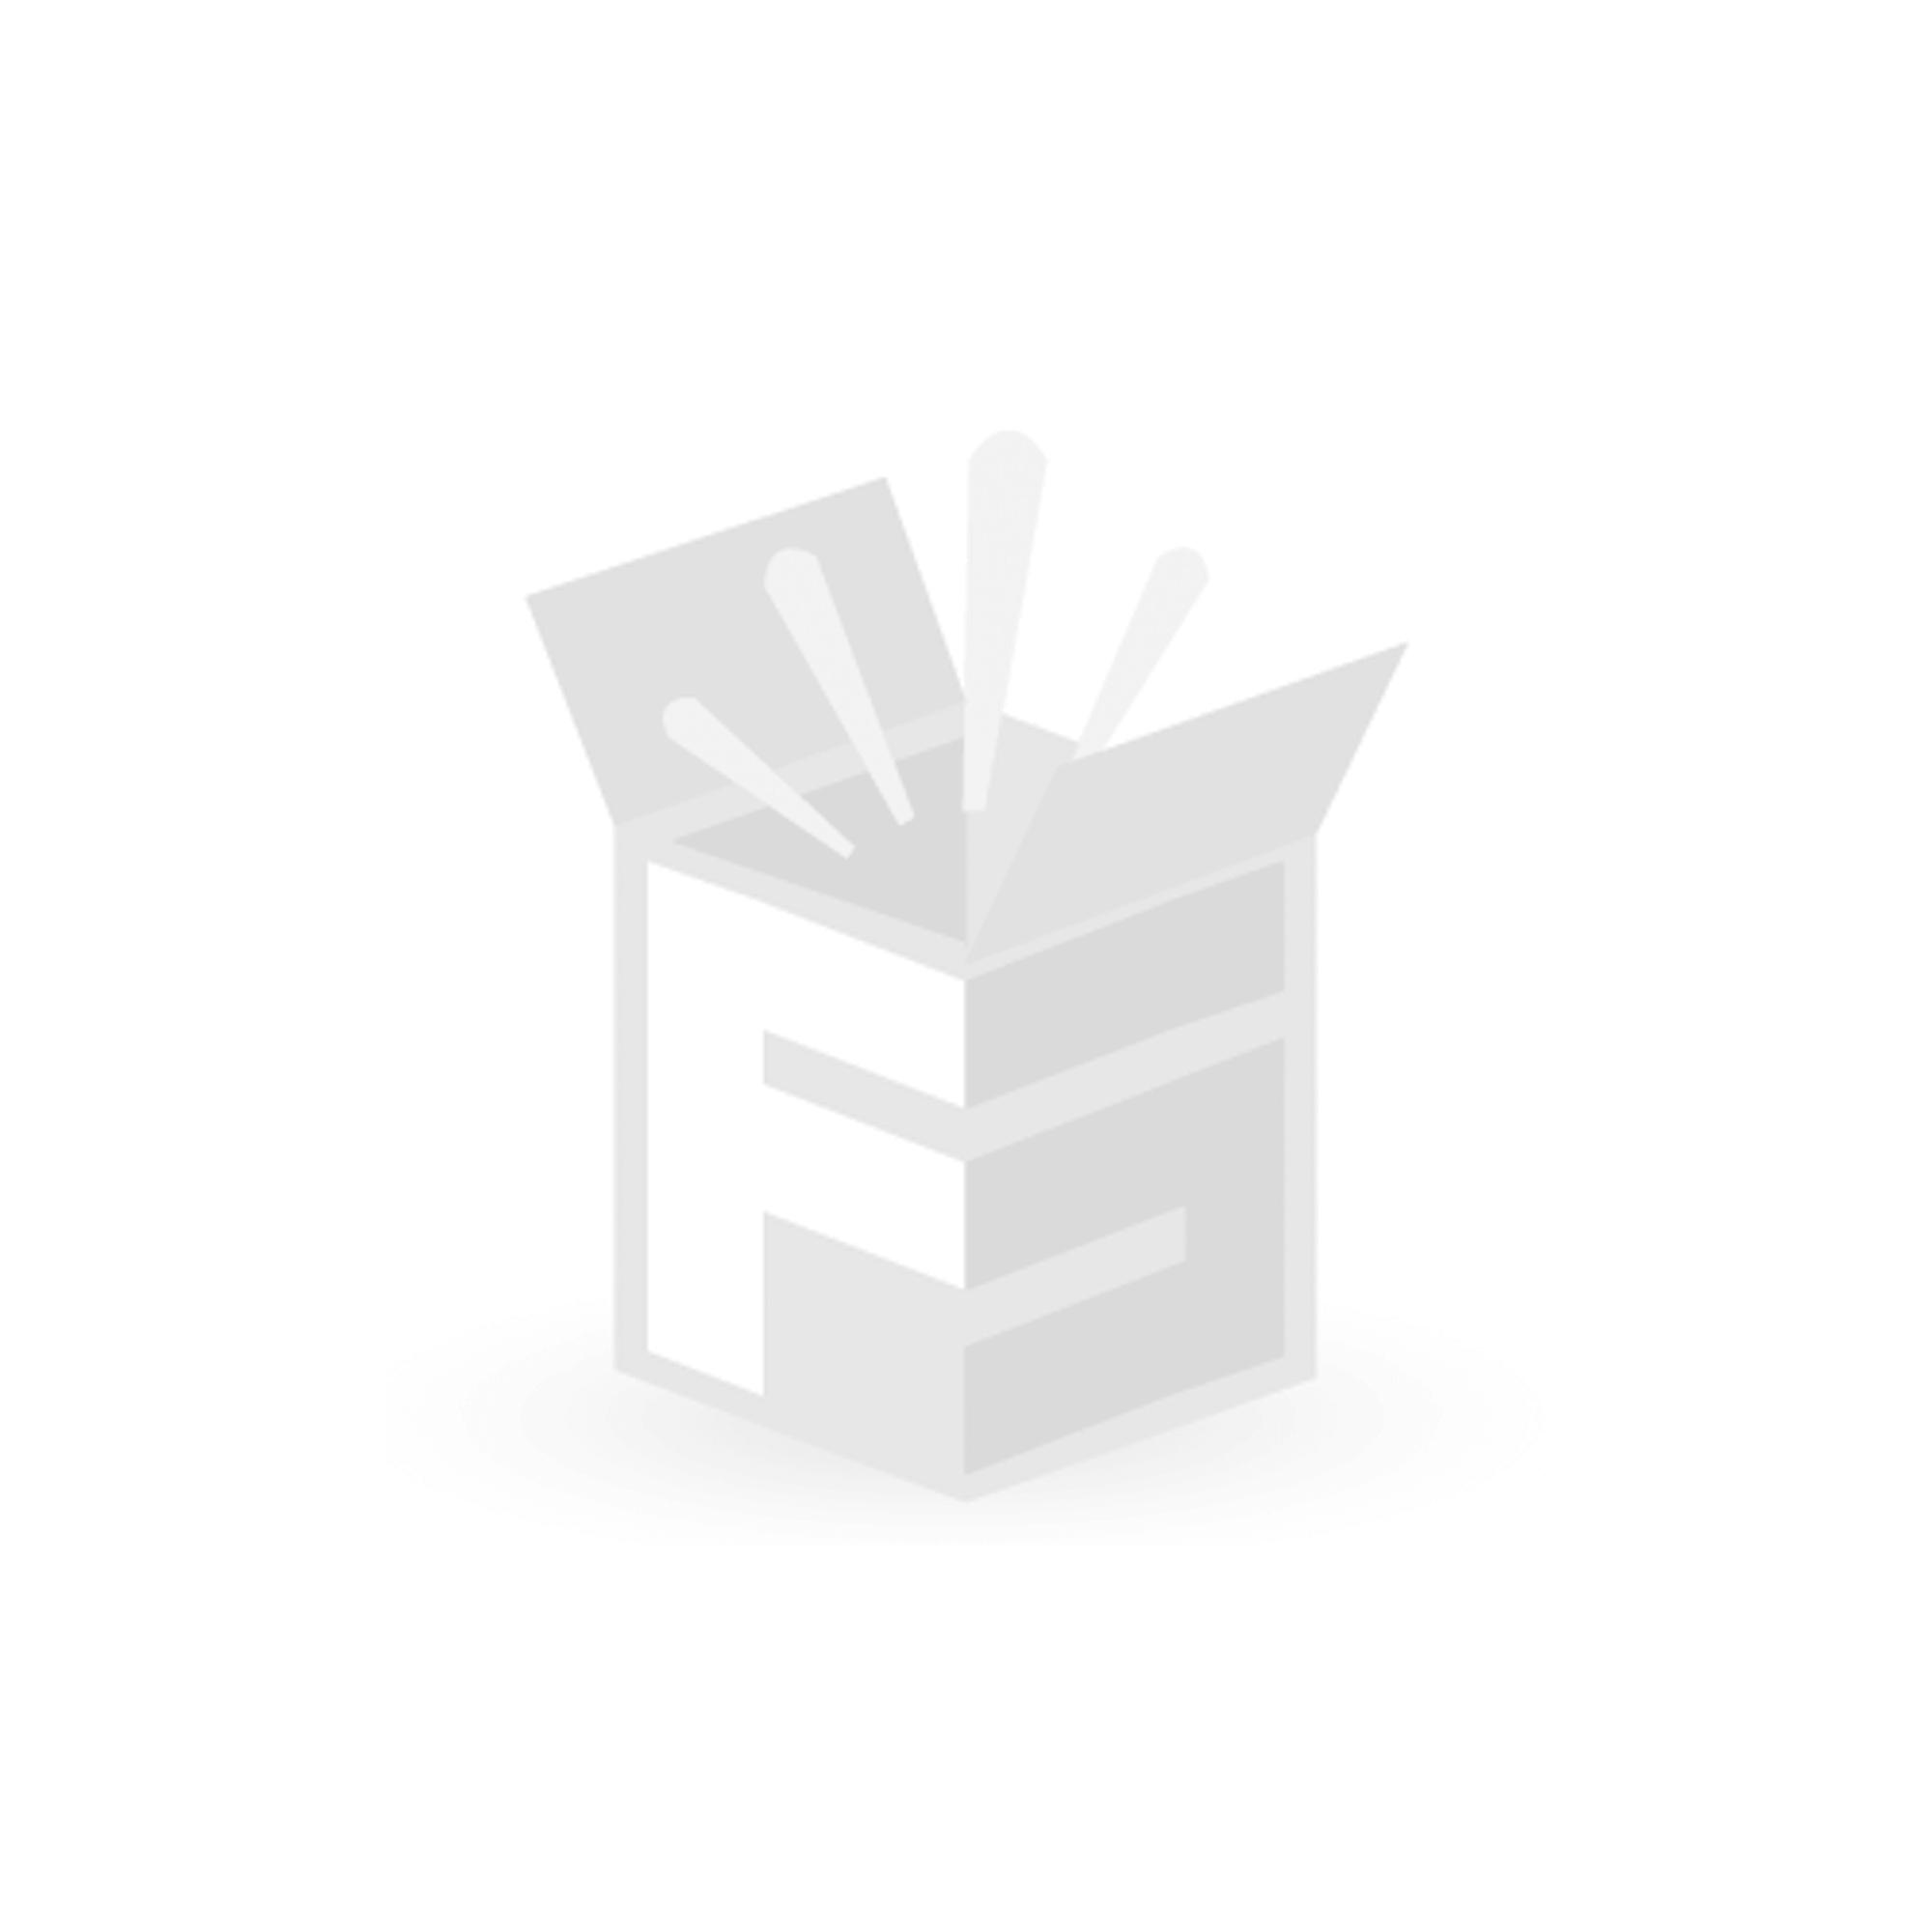 Kibernetik Stecker 1x T12, 3-polig